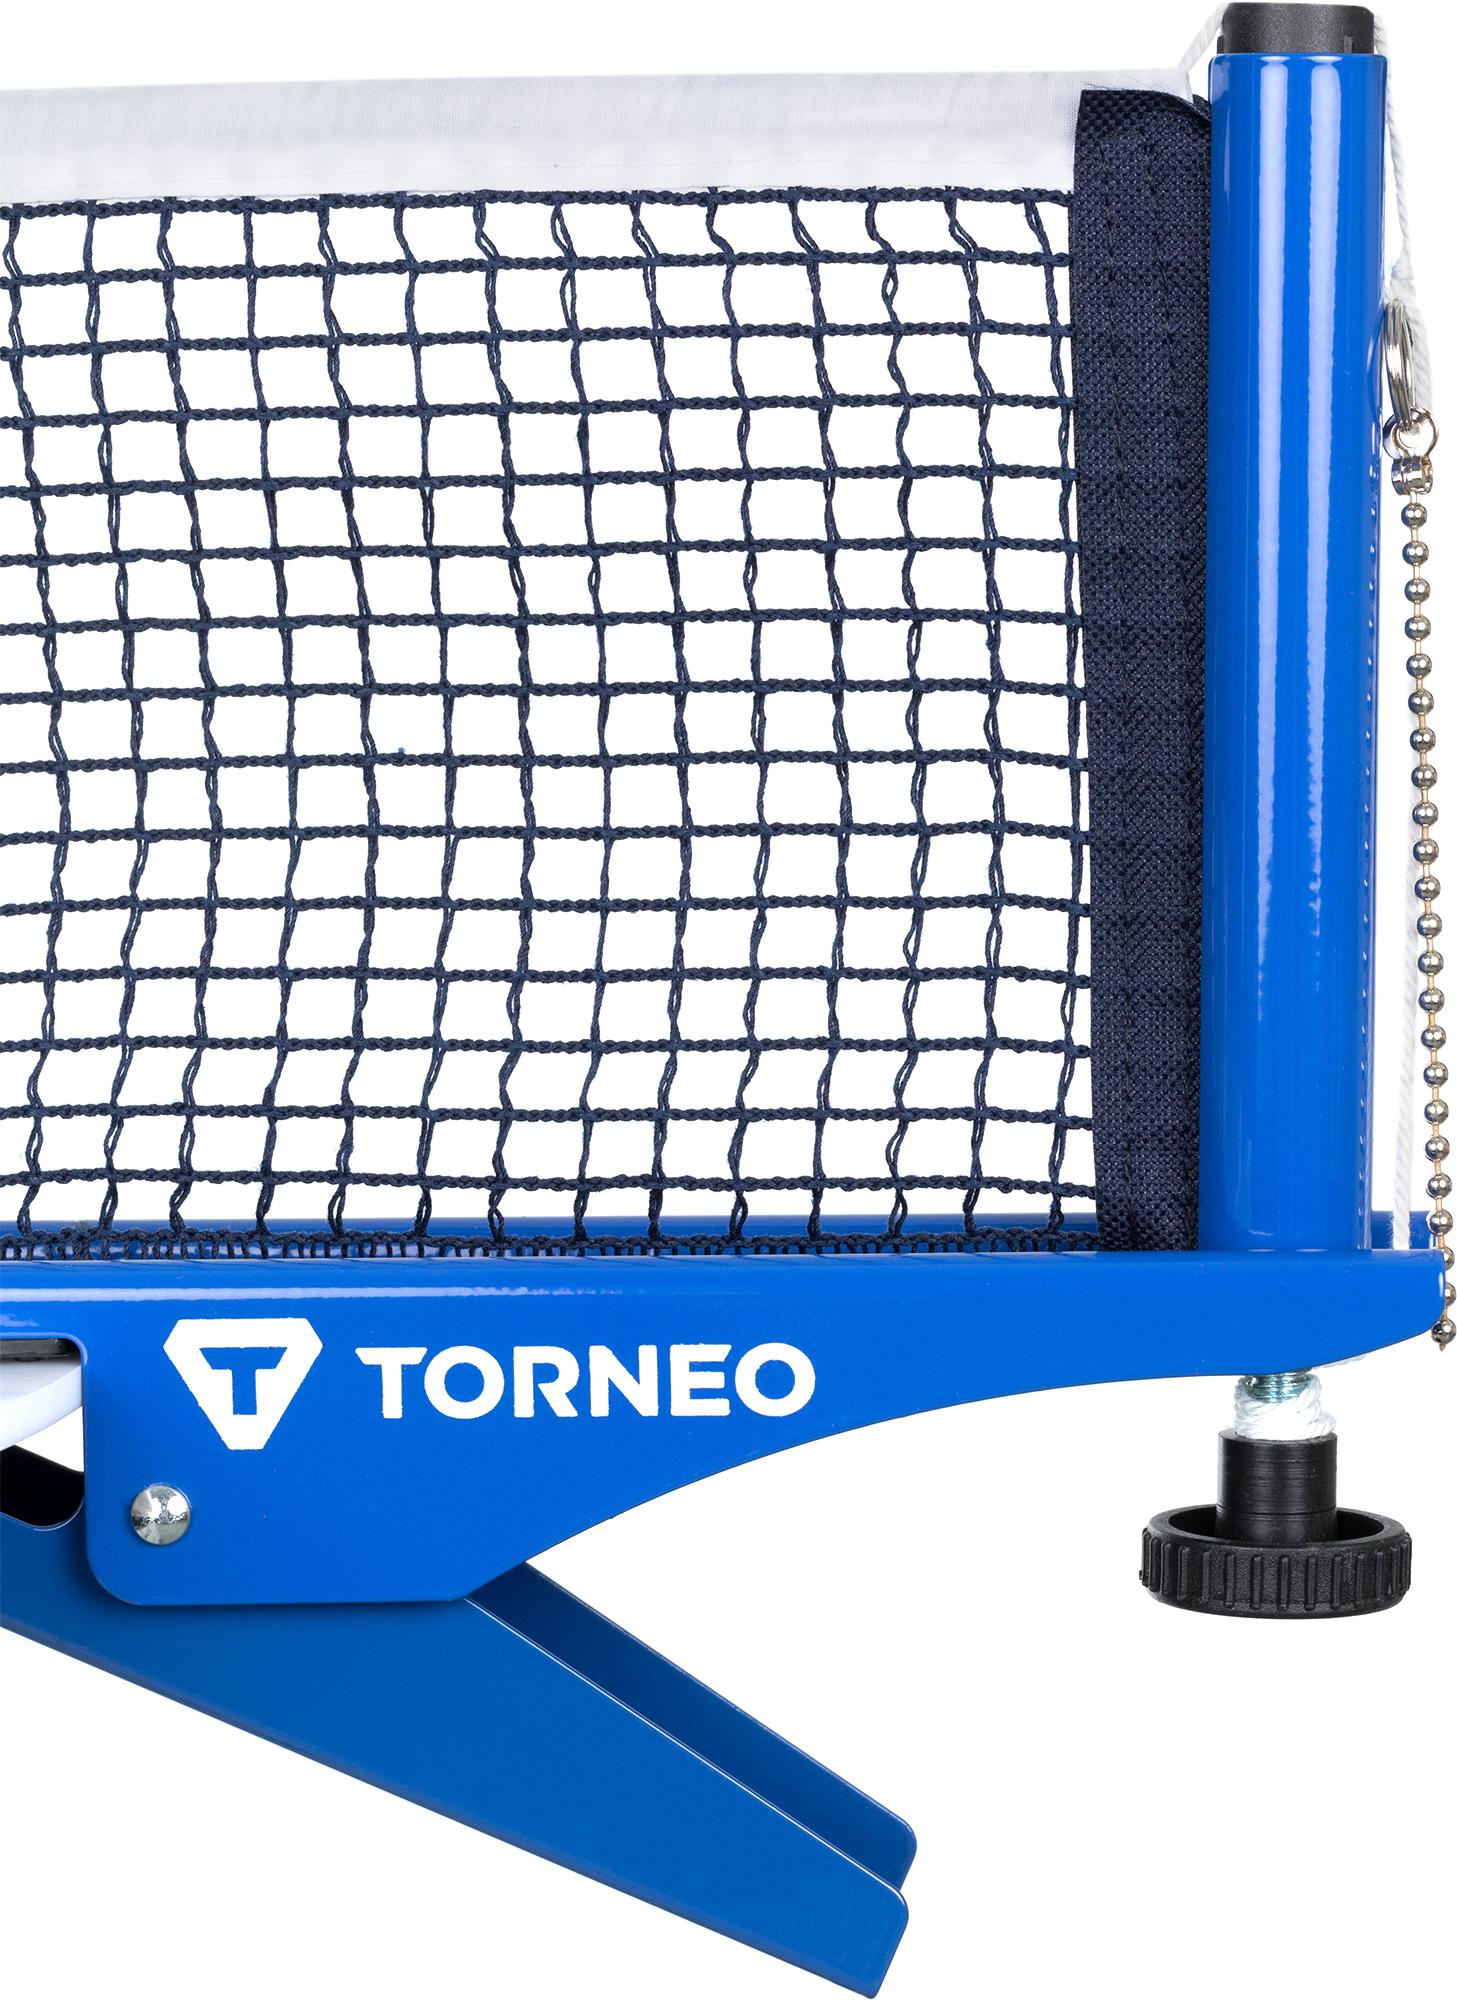 Torneo Сетка для настольного тенниса с креплением Torneo, размер Без размера спортивный инвентарь next сетка для настольного тенниса t0013pe